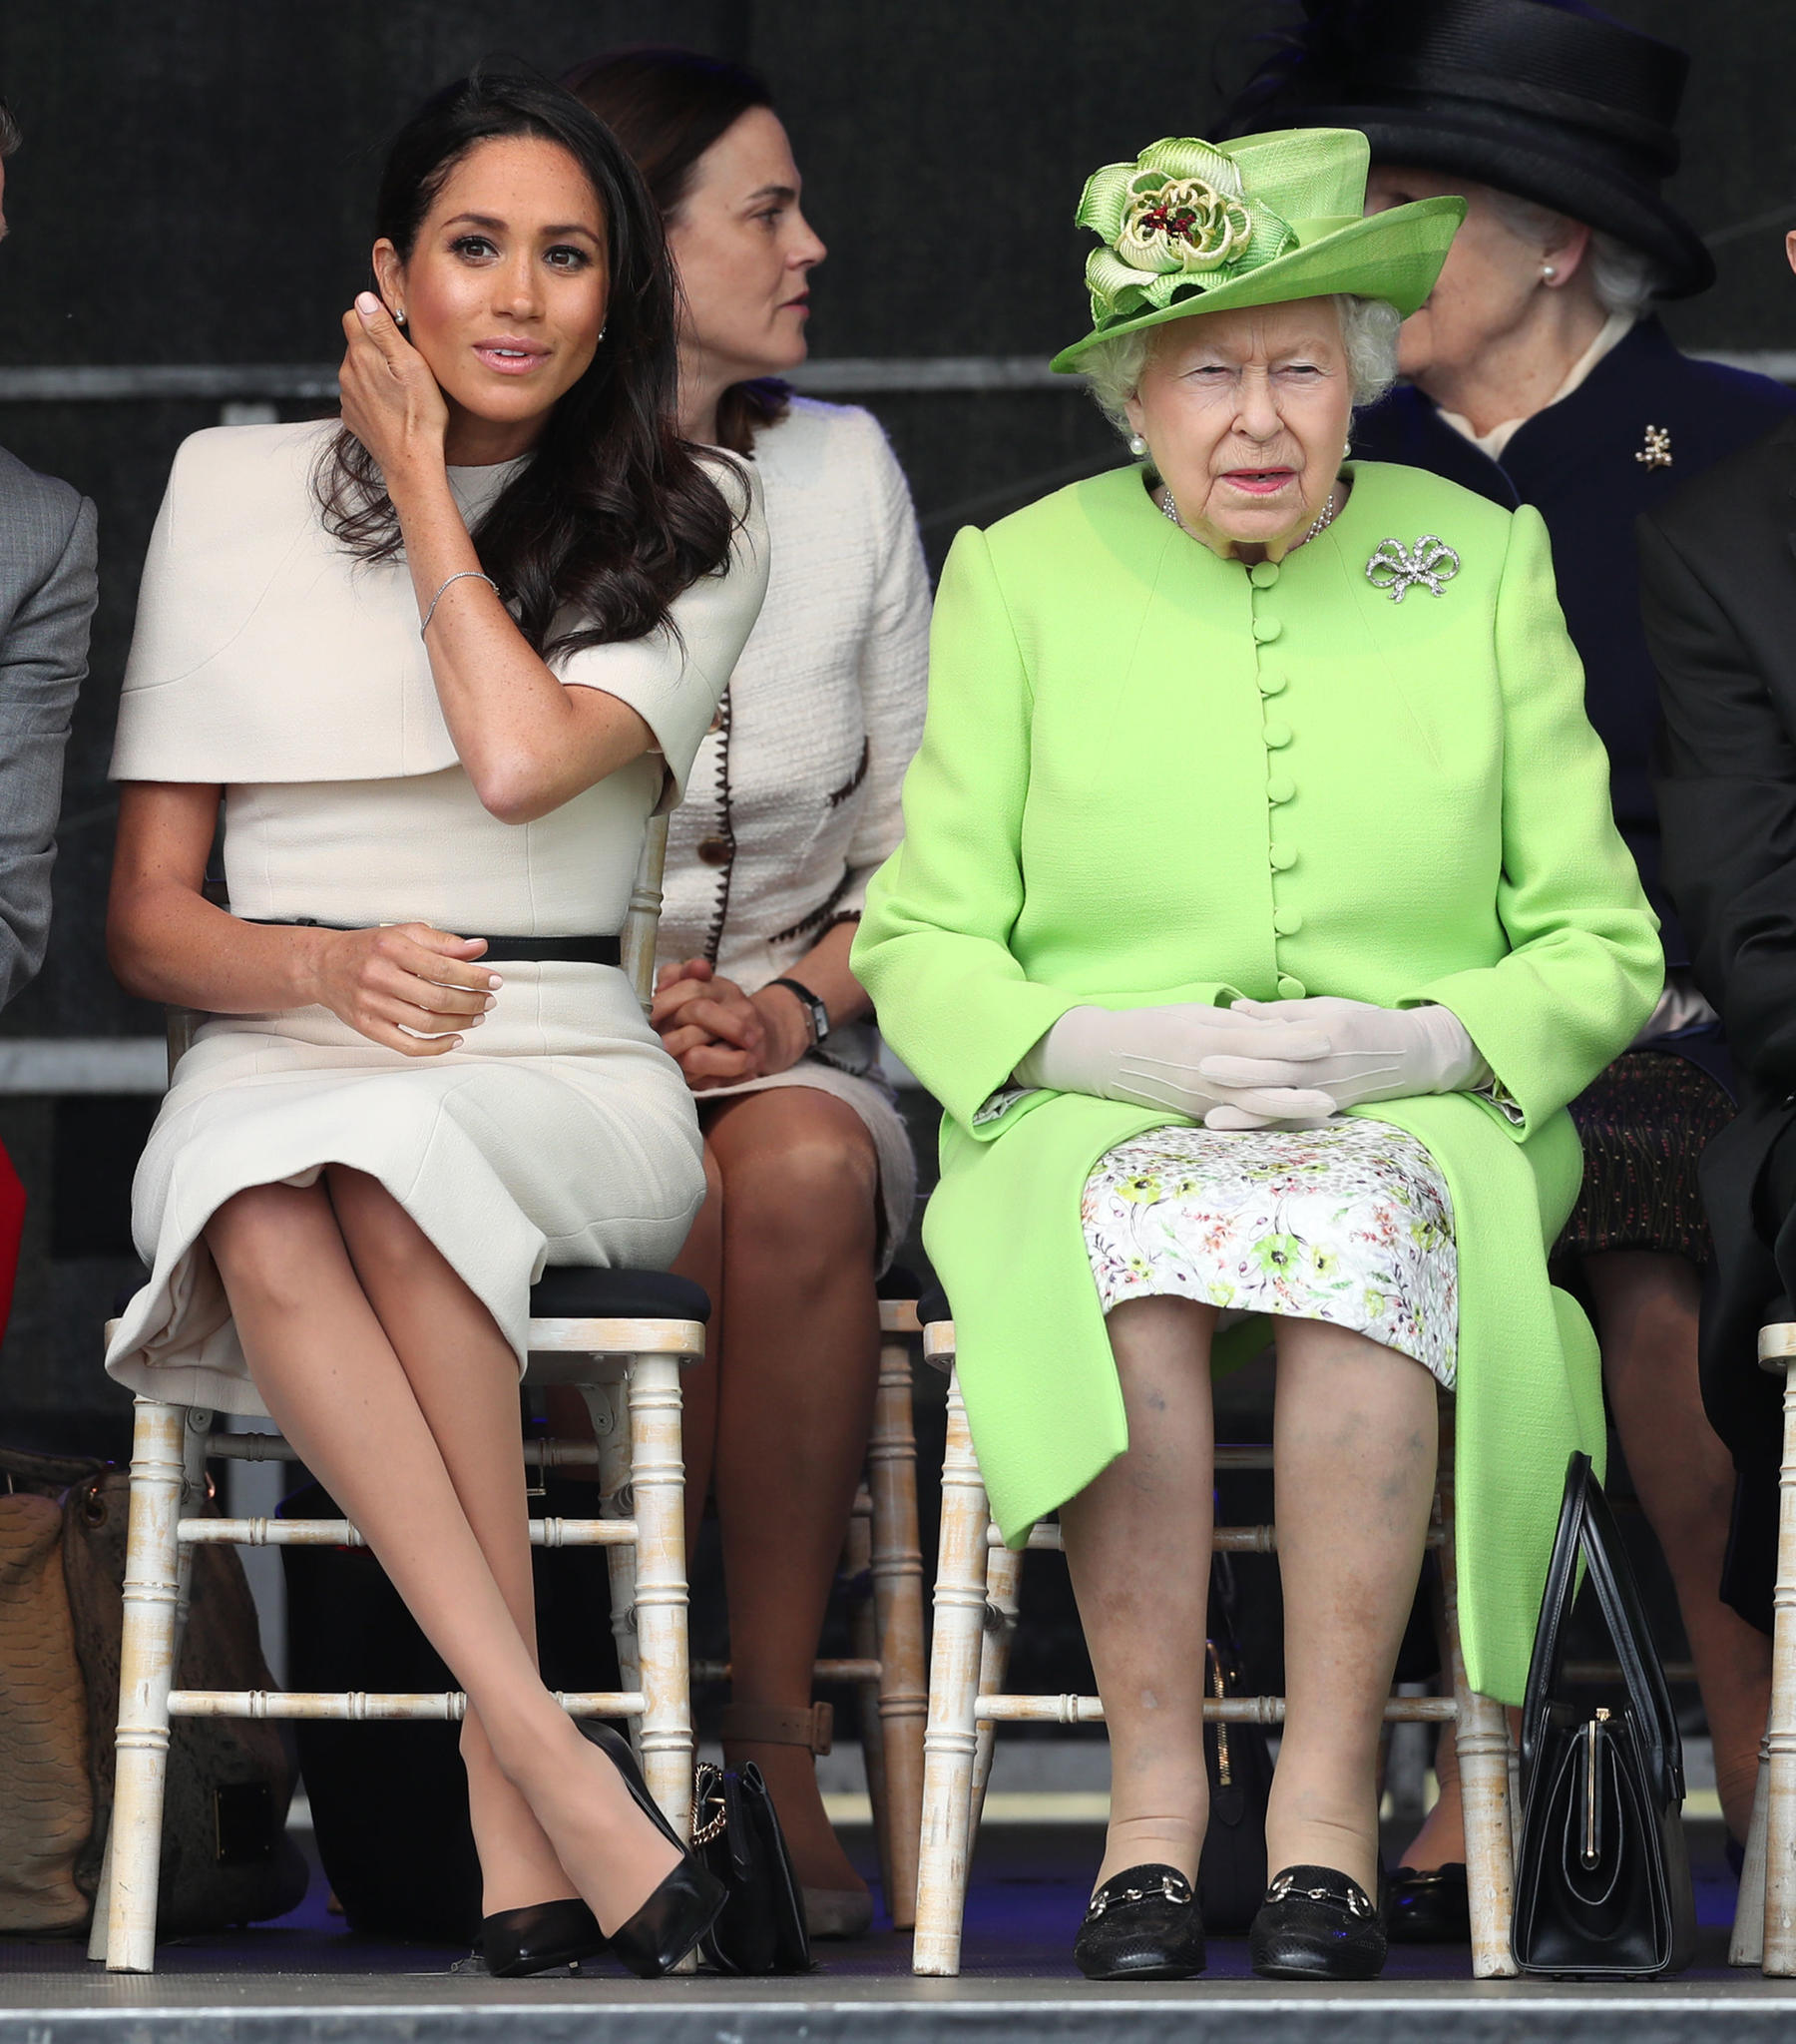 Ist das ein Zeichen? Die Queen stellt neben Herzogin Meghan ihre Handtasche auf die linke Seite. Eigentlich wird nun das Personal in Alarmbereitschaft versetzt und soll die Königin aus der Situation retten.